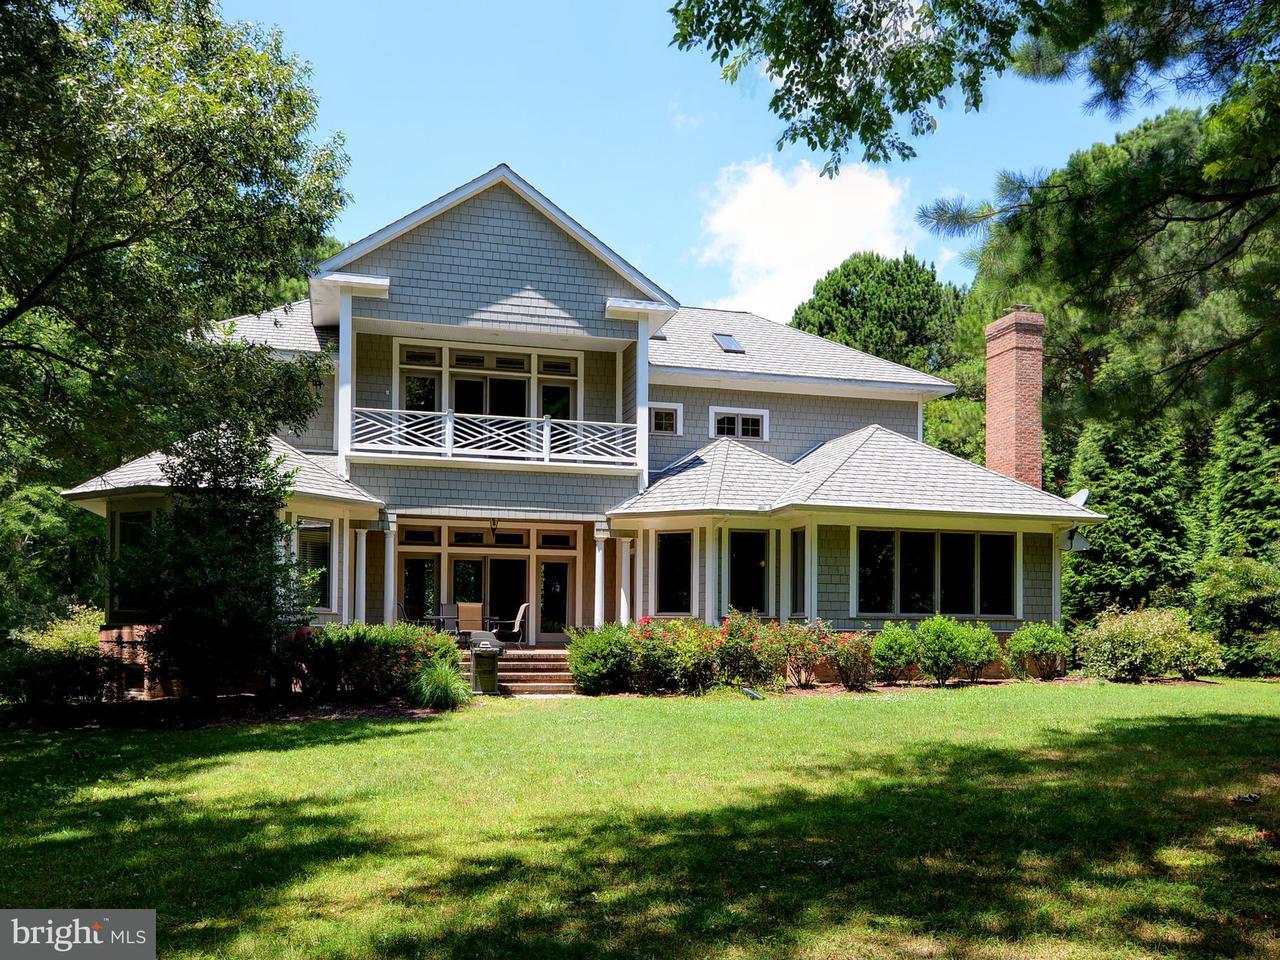 一戸建て のために 売買 アット 3761 MARGITS Lane 3761 MARGITS Lane Trappe, メリーランド 21673 アメリカ合衆国